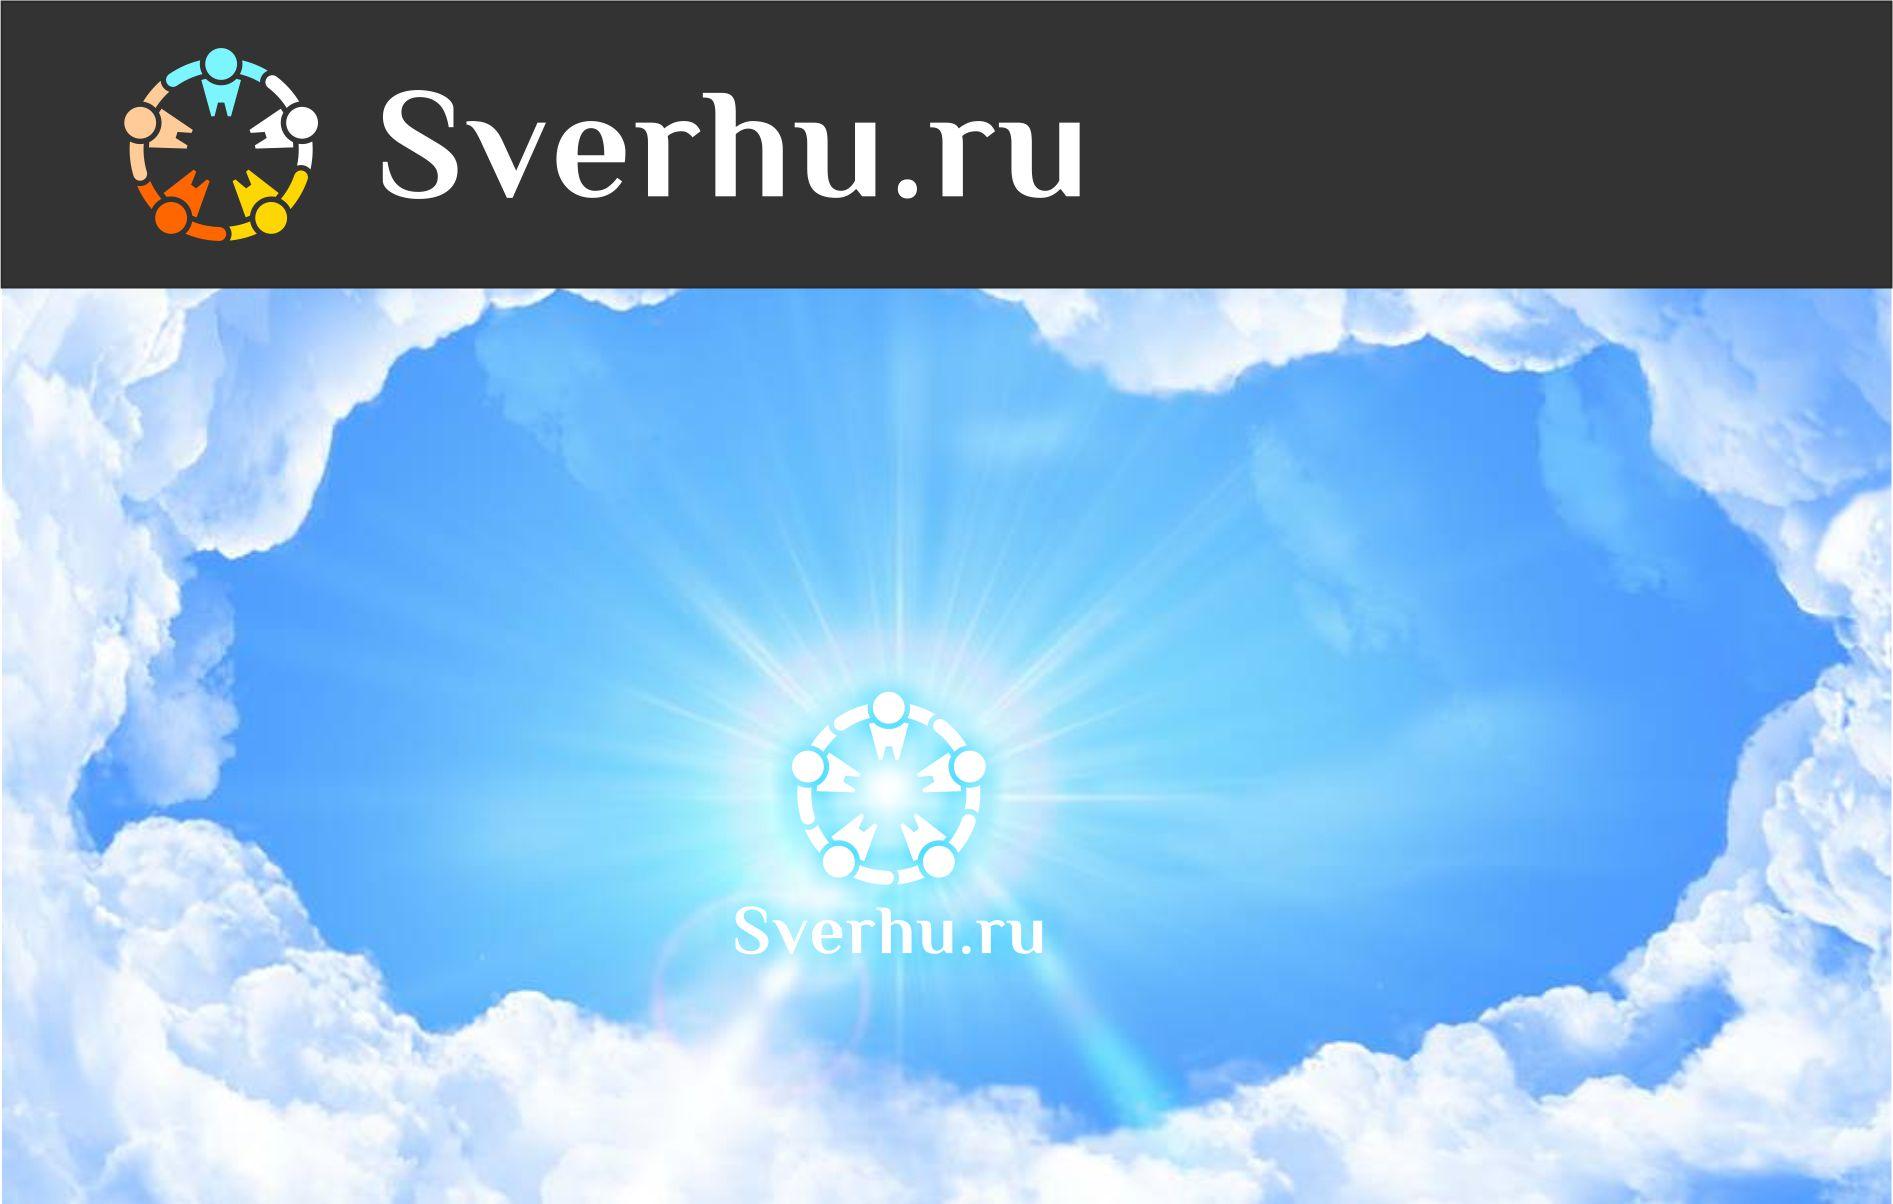 логотип  фото f_14355c74d5b4ab15.jpg